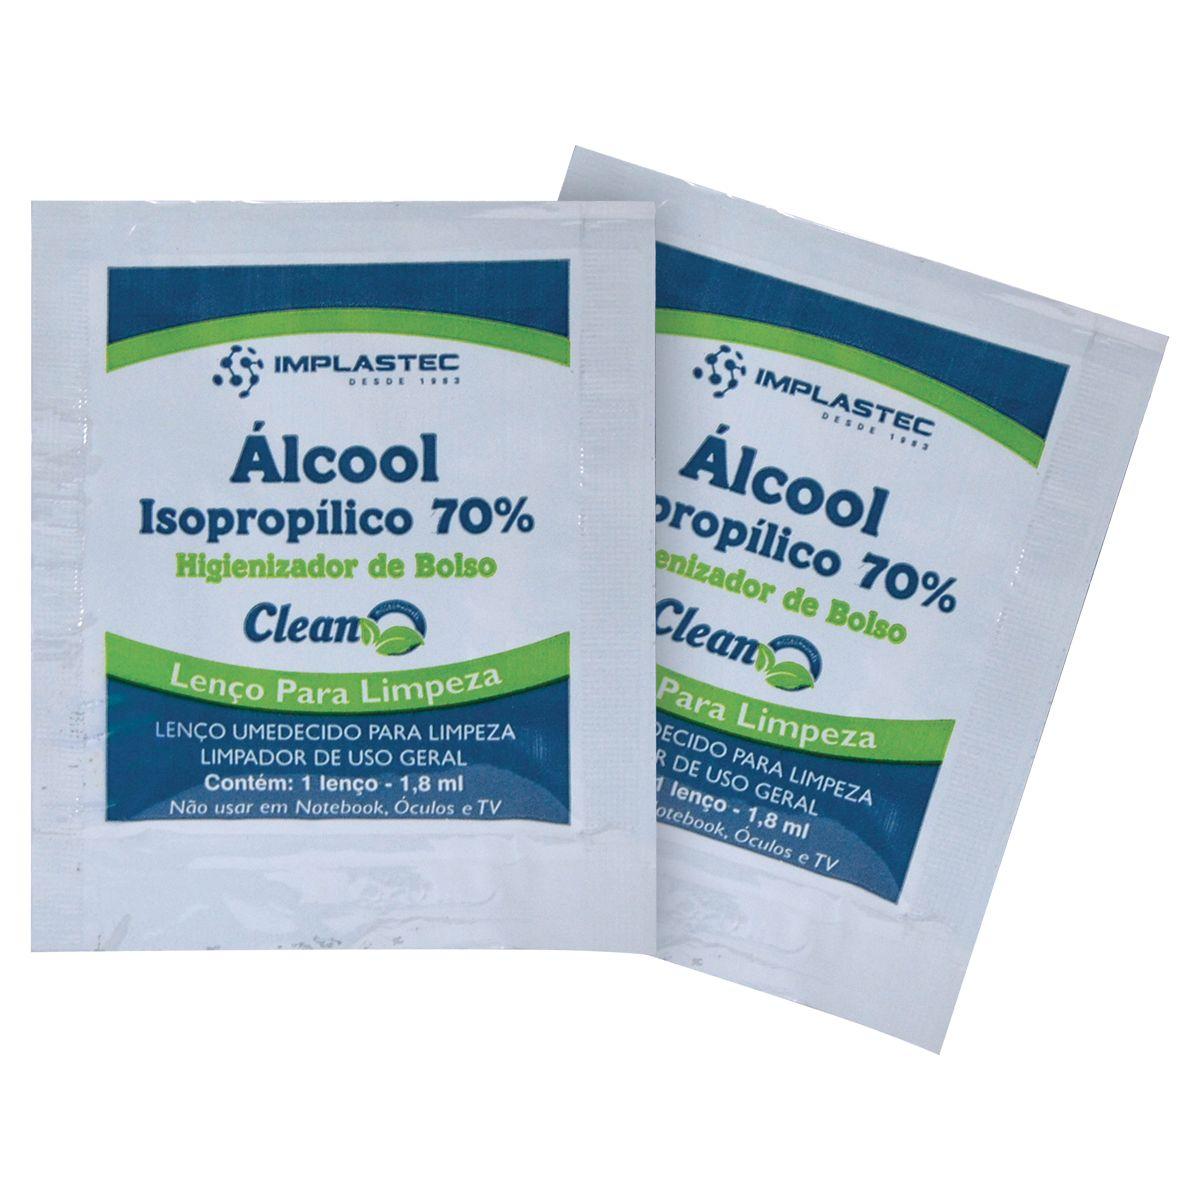 Álcool Isopropílico 70% Sache Lenço Umedecido Caixa com (unidade) - Implastec